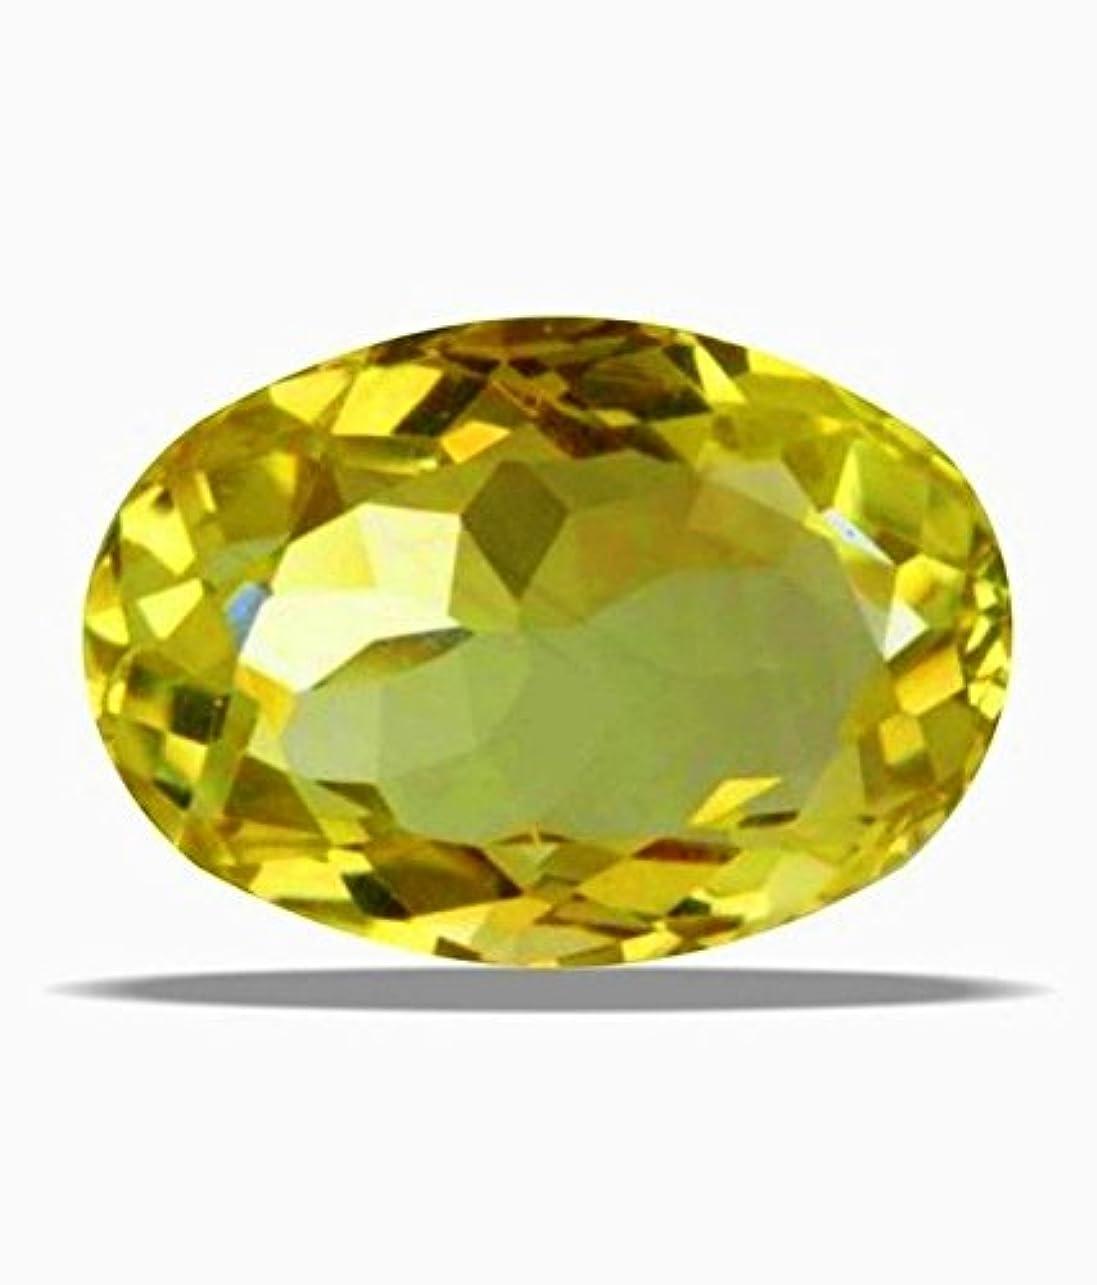 プロフィール反応するゲートウェイ天然認定シトリンLoose宝石9.2カラットby gemselect